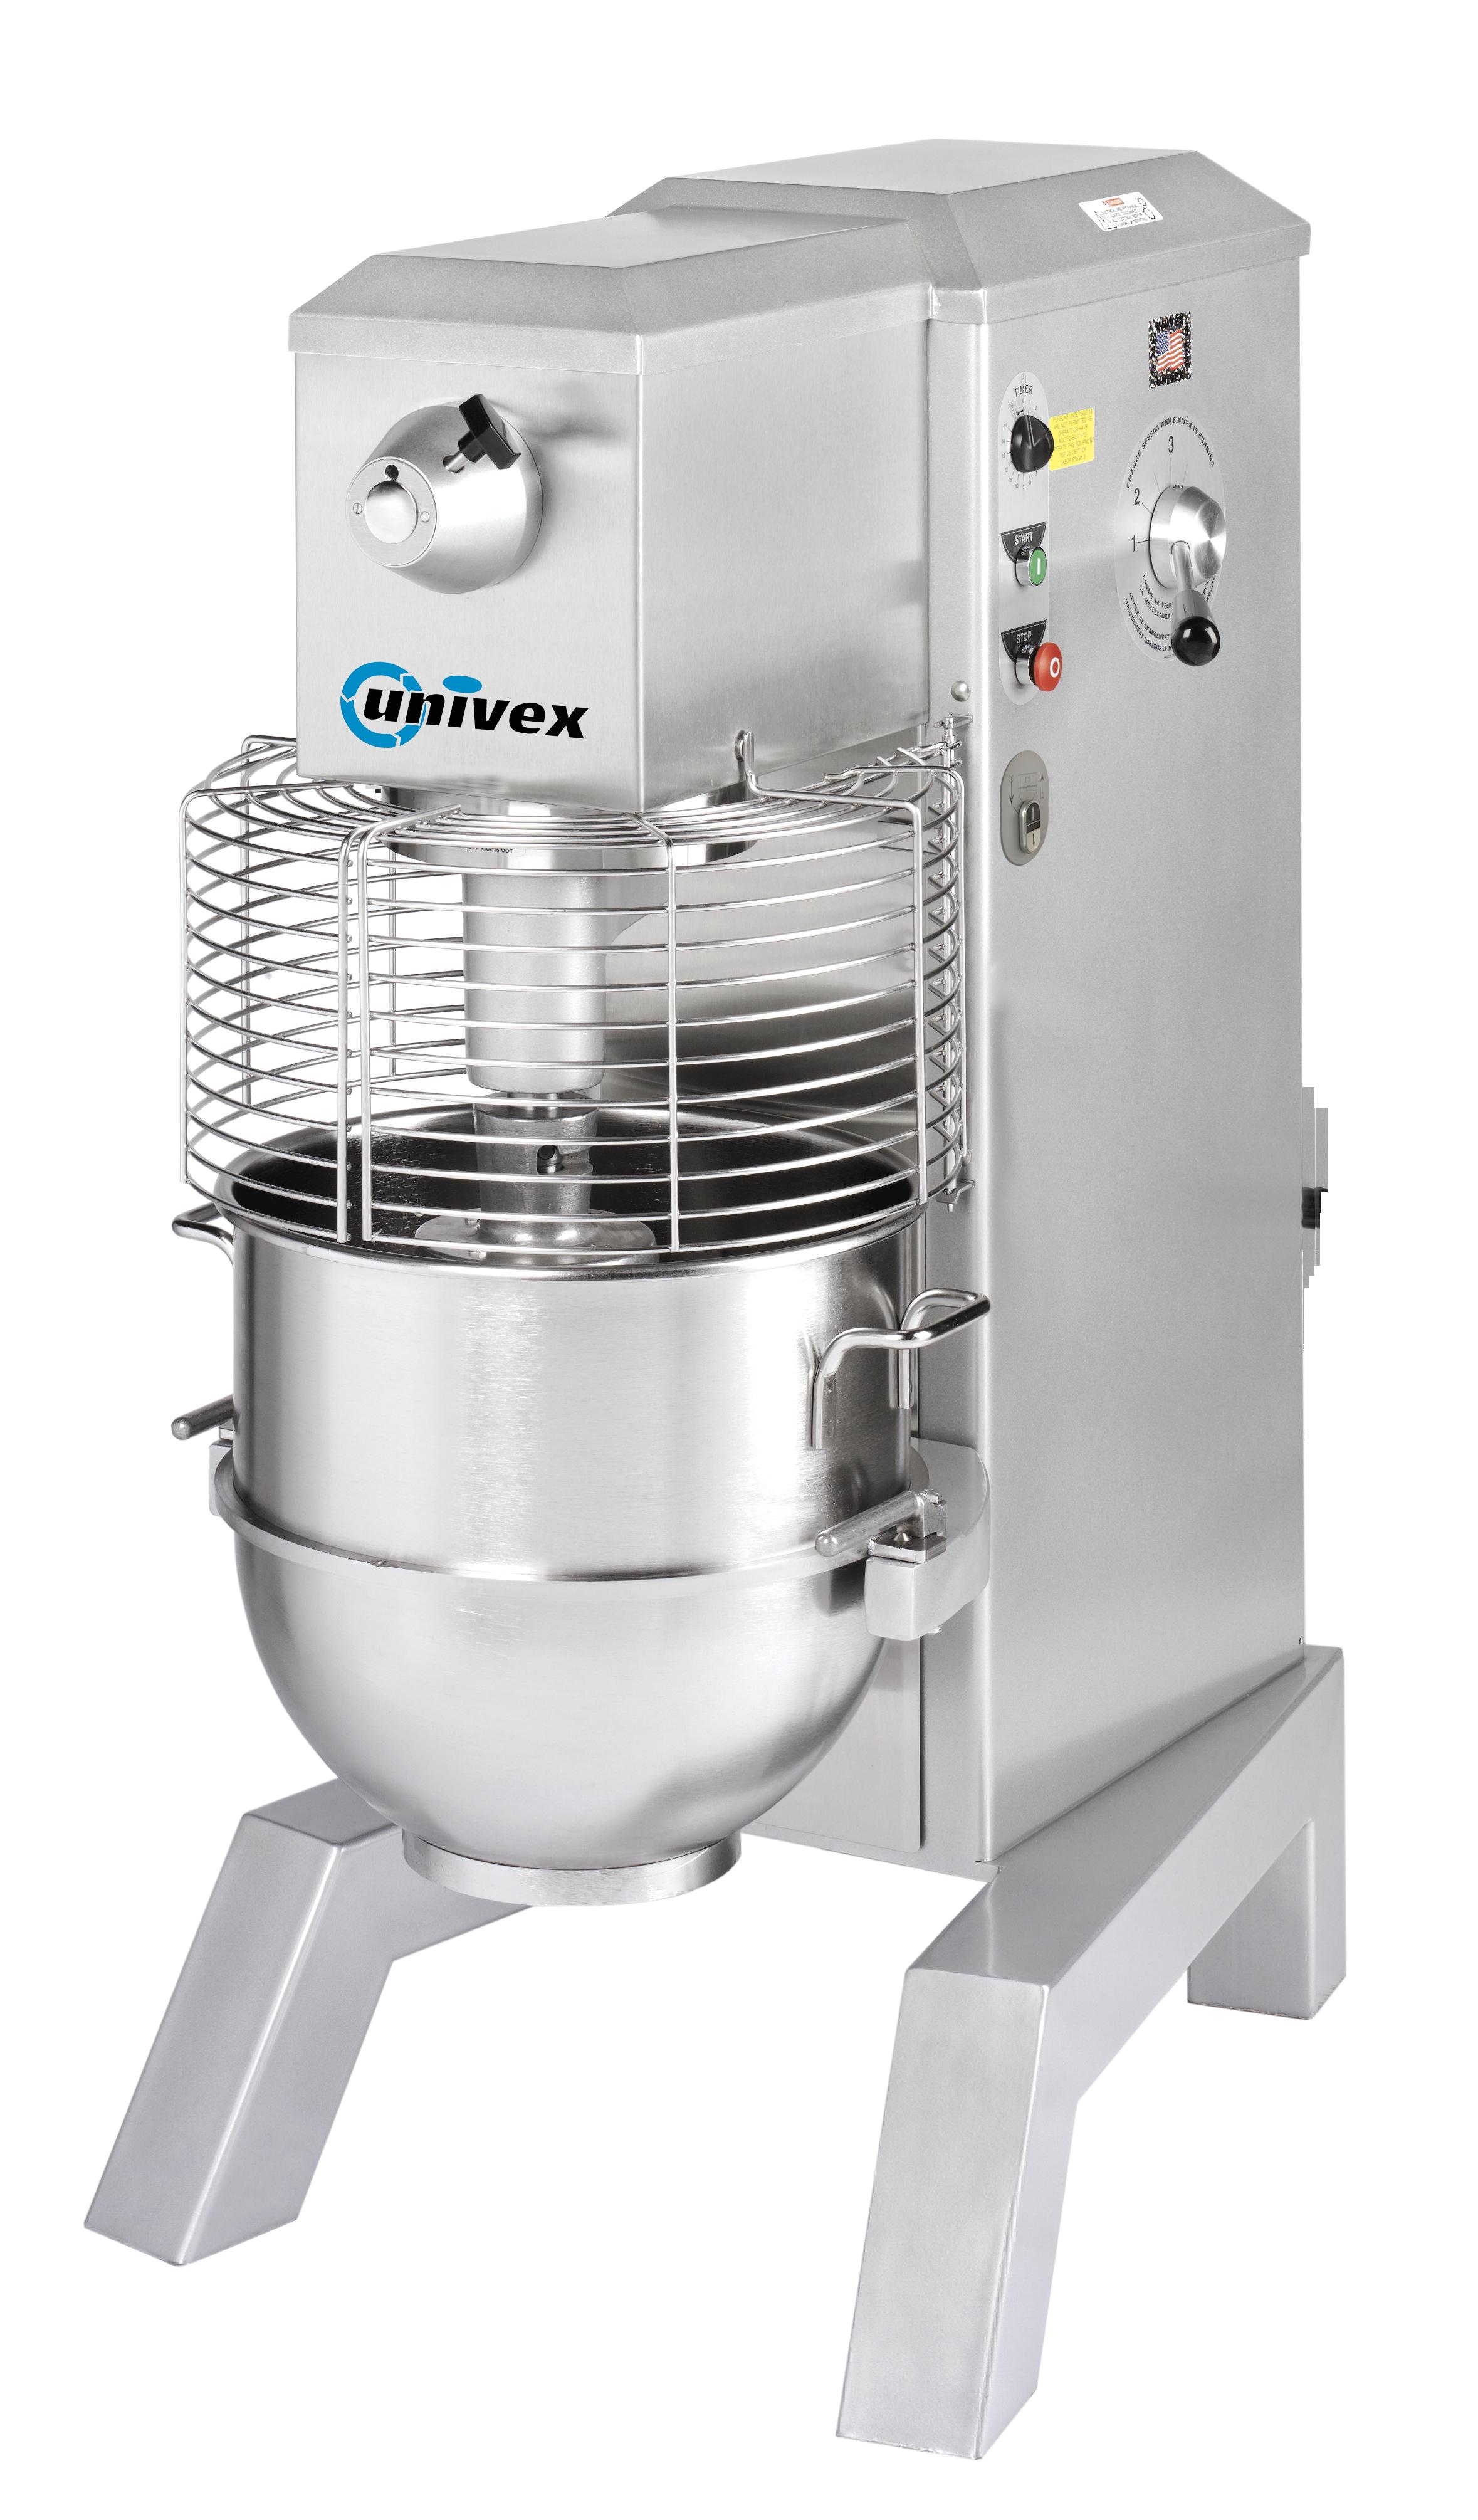 Univex SRM20+_w/o_PTO planetary mixers